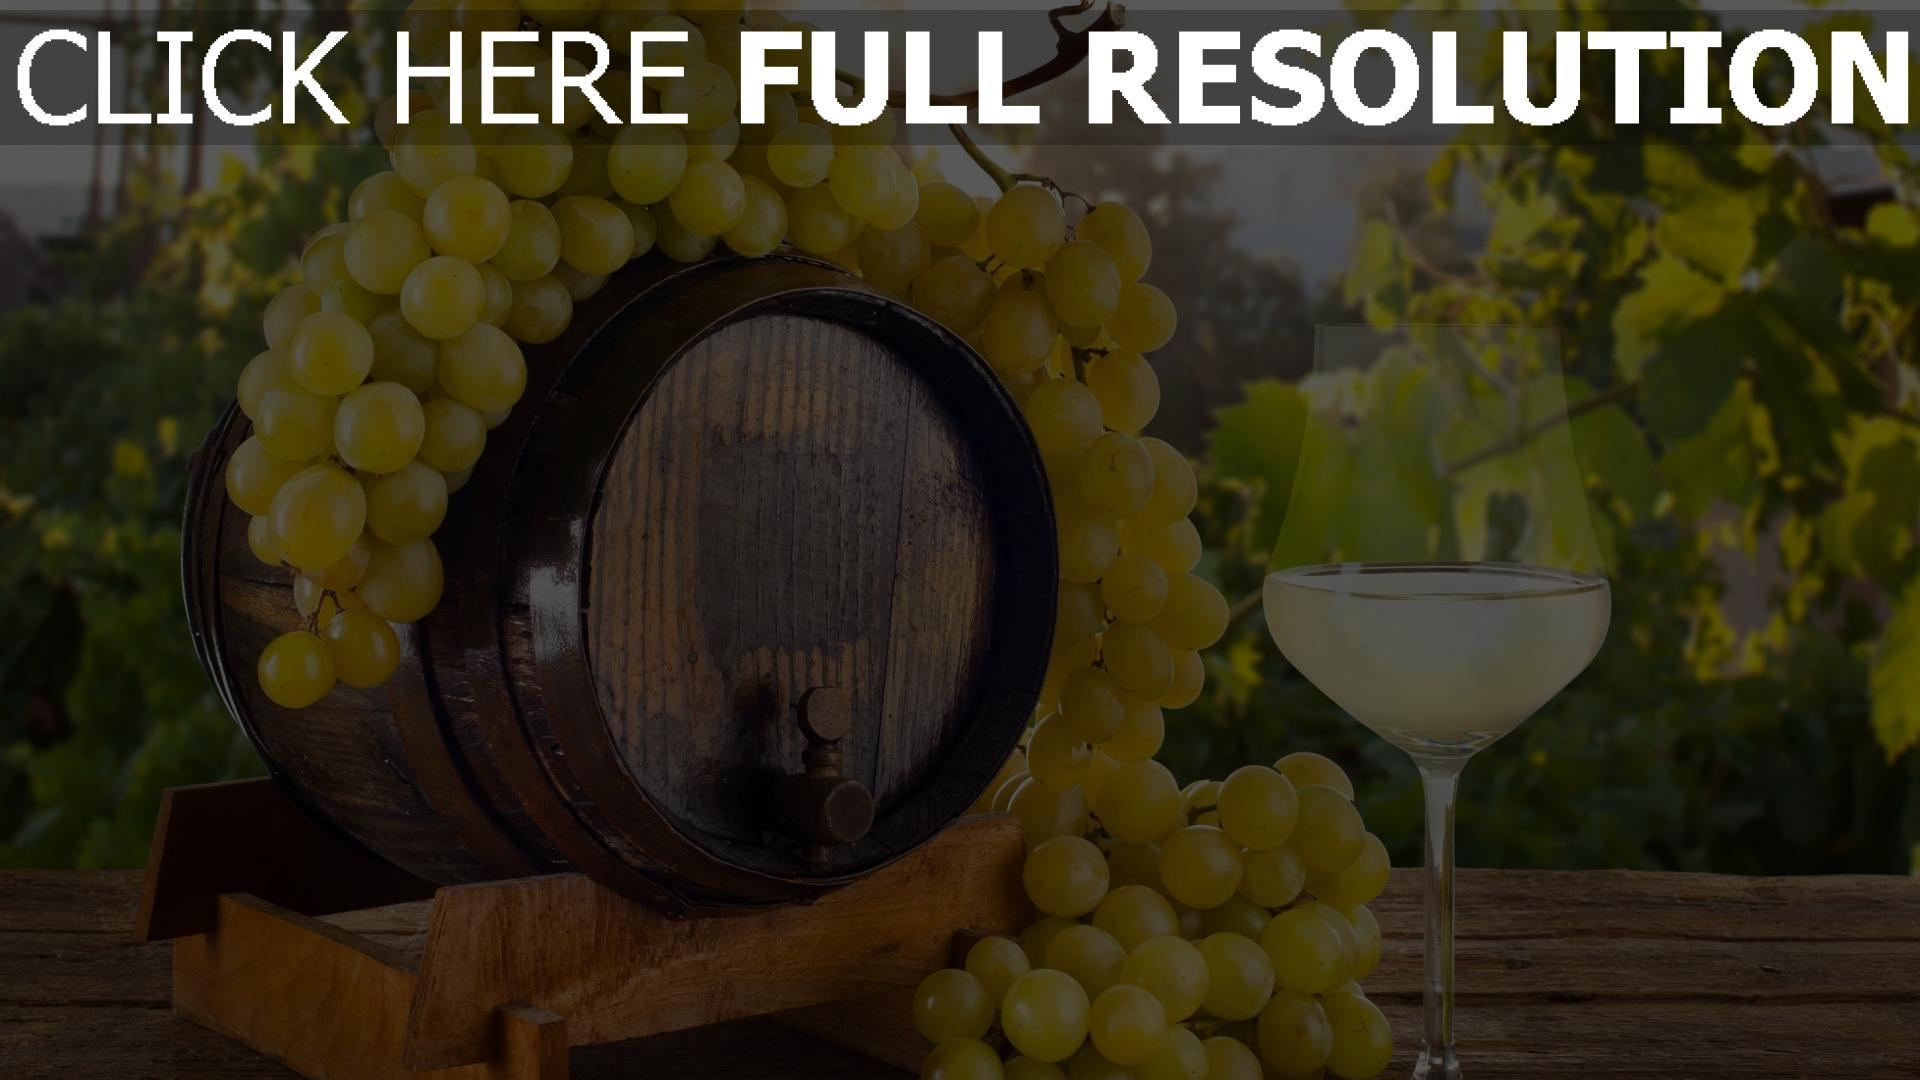 fond d'écran 1920x1080 verre vin raisins baril